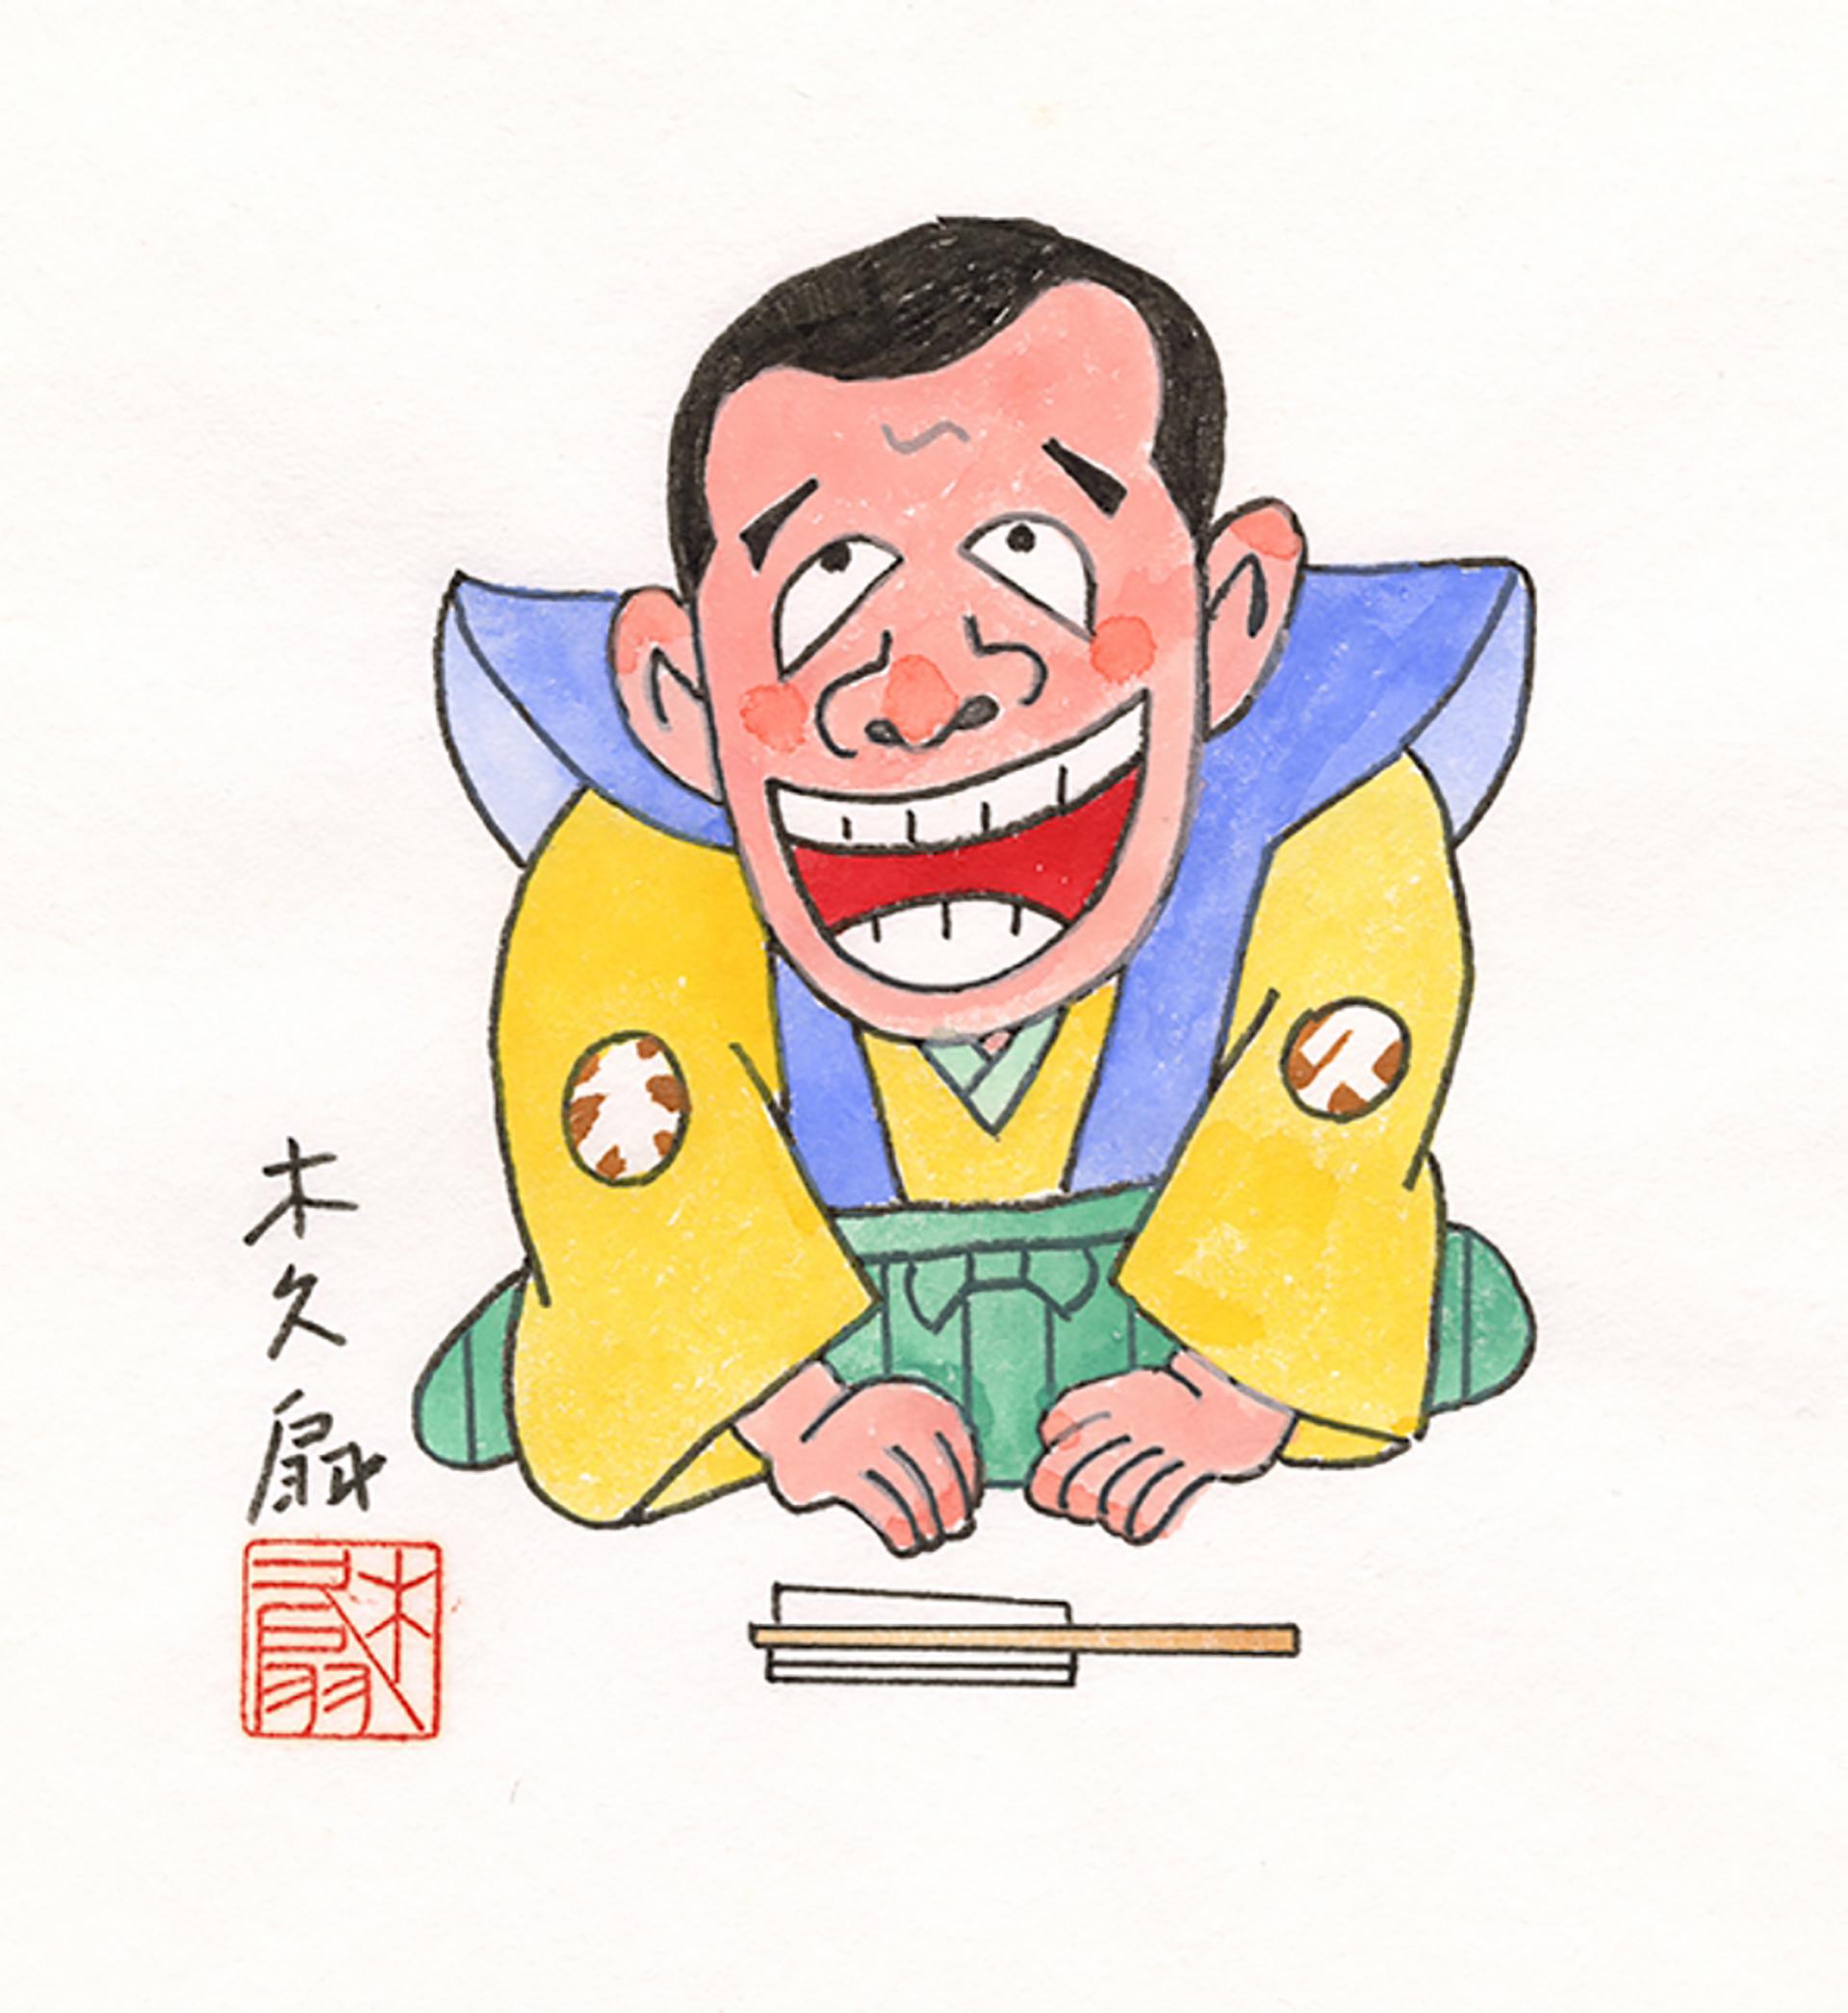 林家木久扇展「ボクは馬鹿じゃない 画家なんです!」出展イラスト